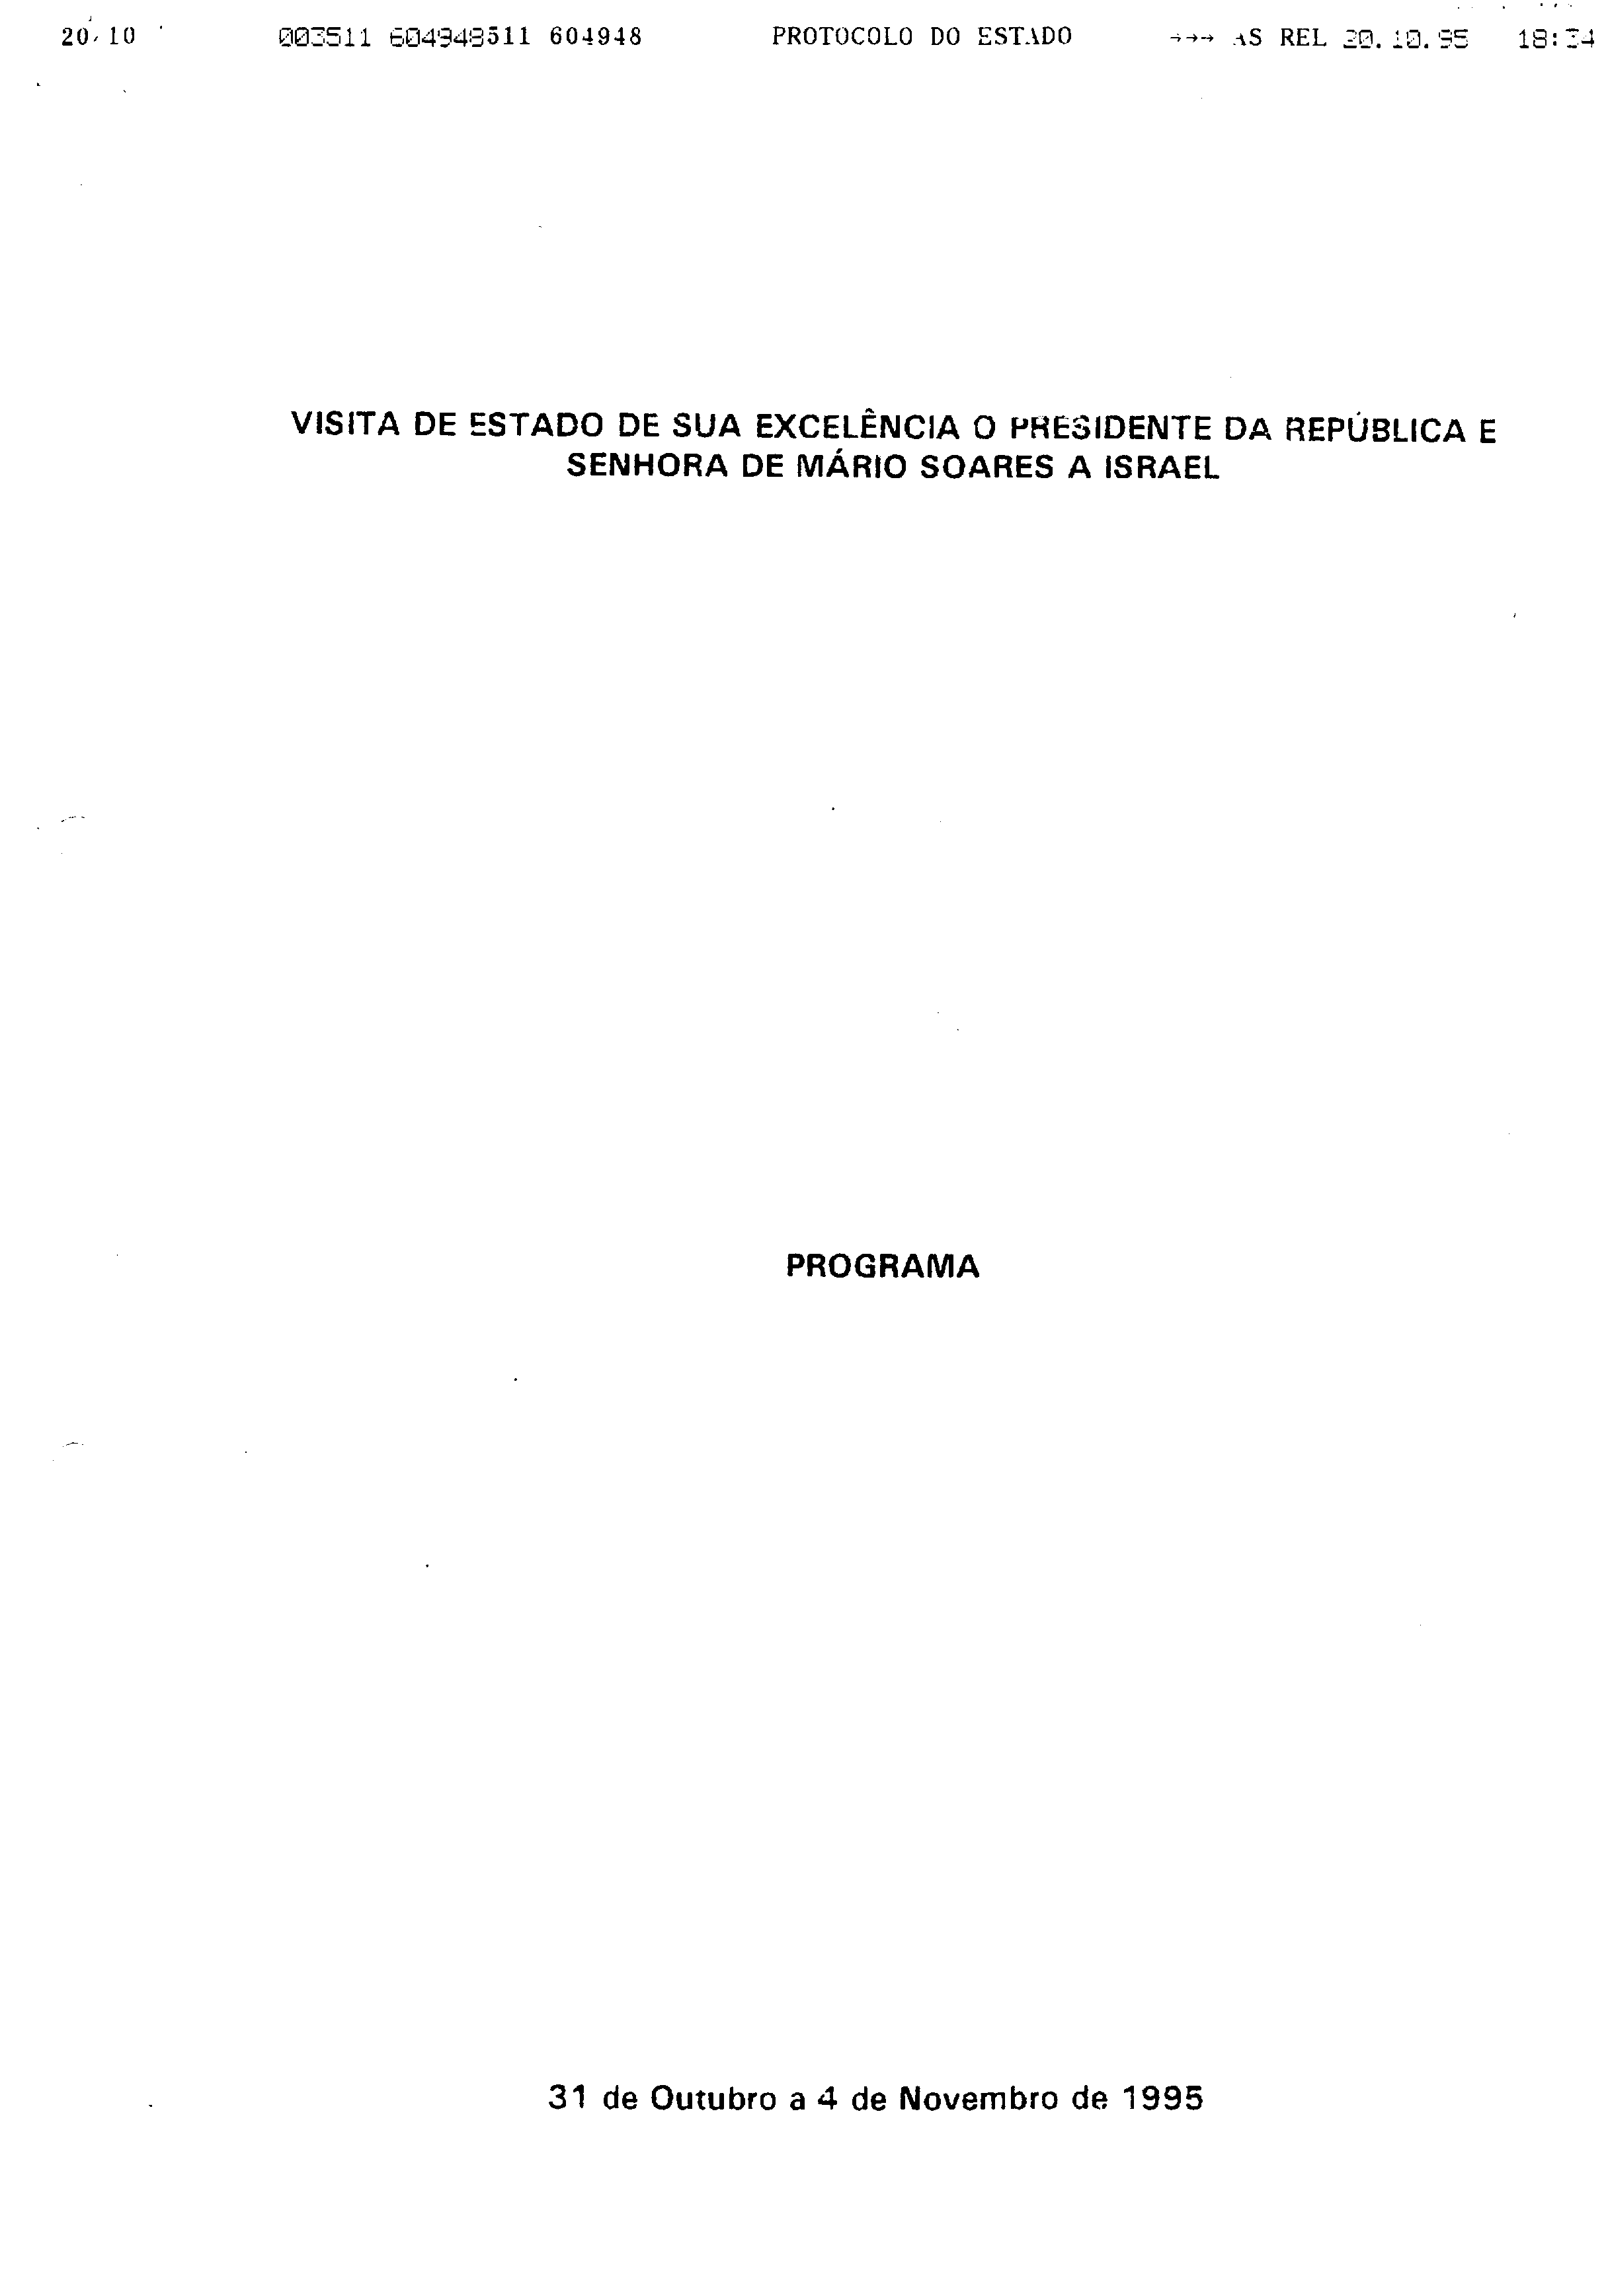 01577.001- pag.1